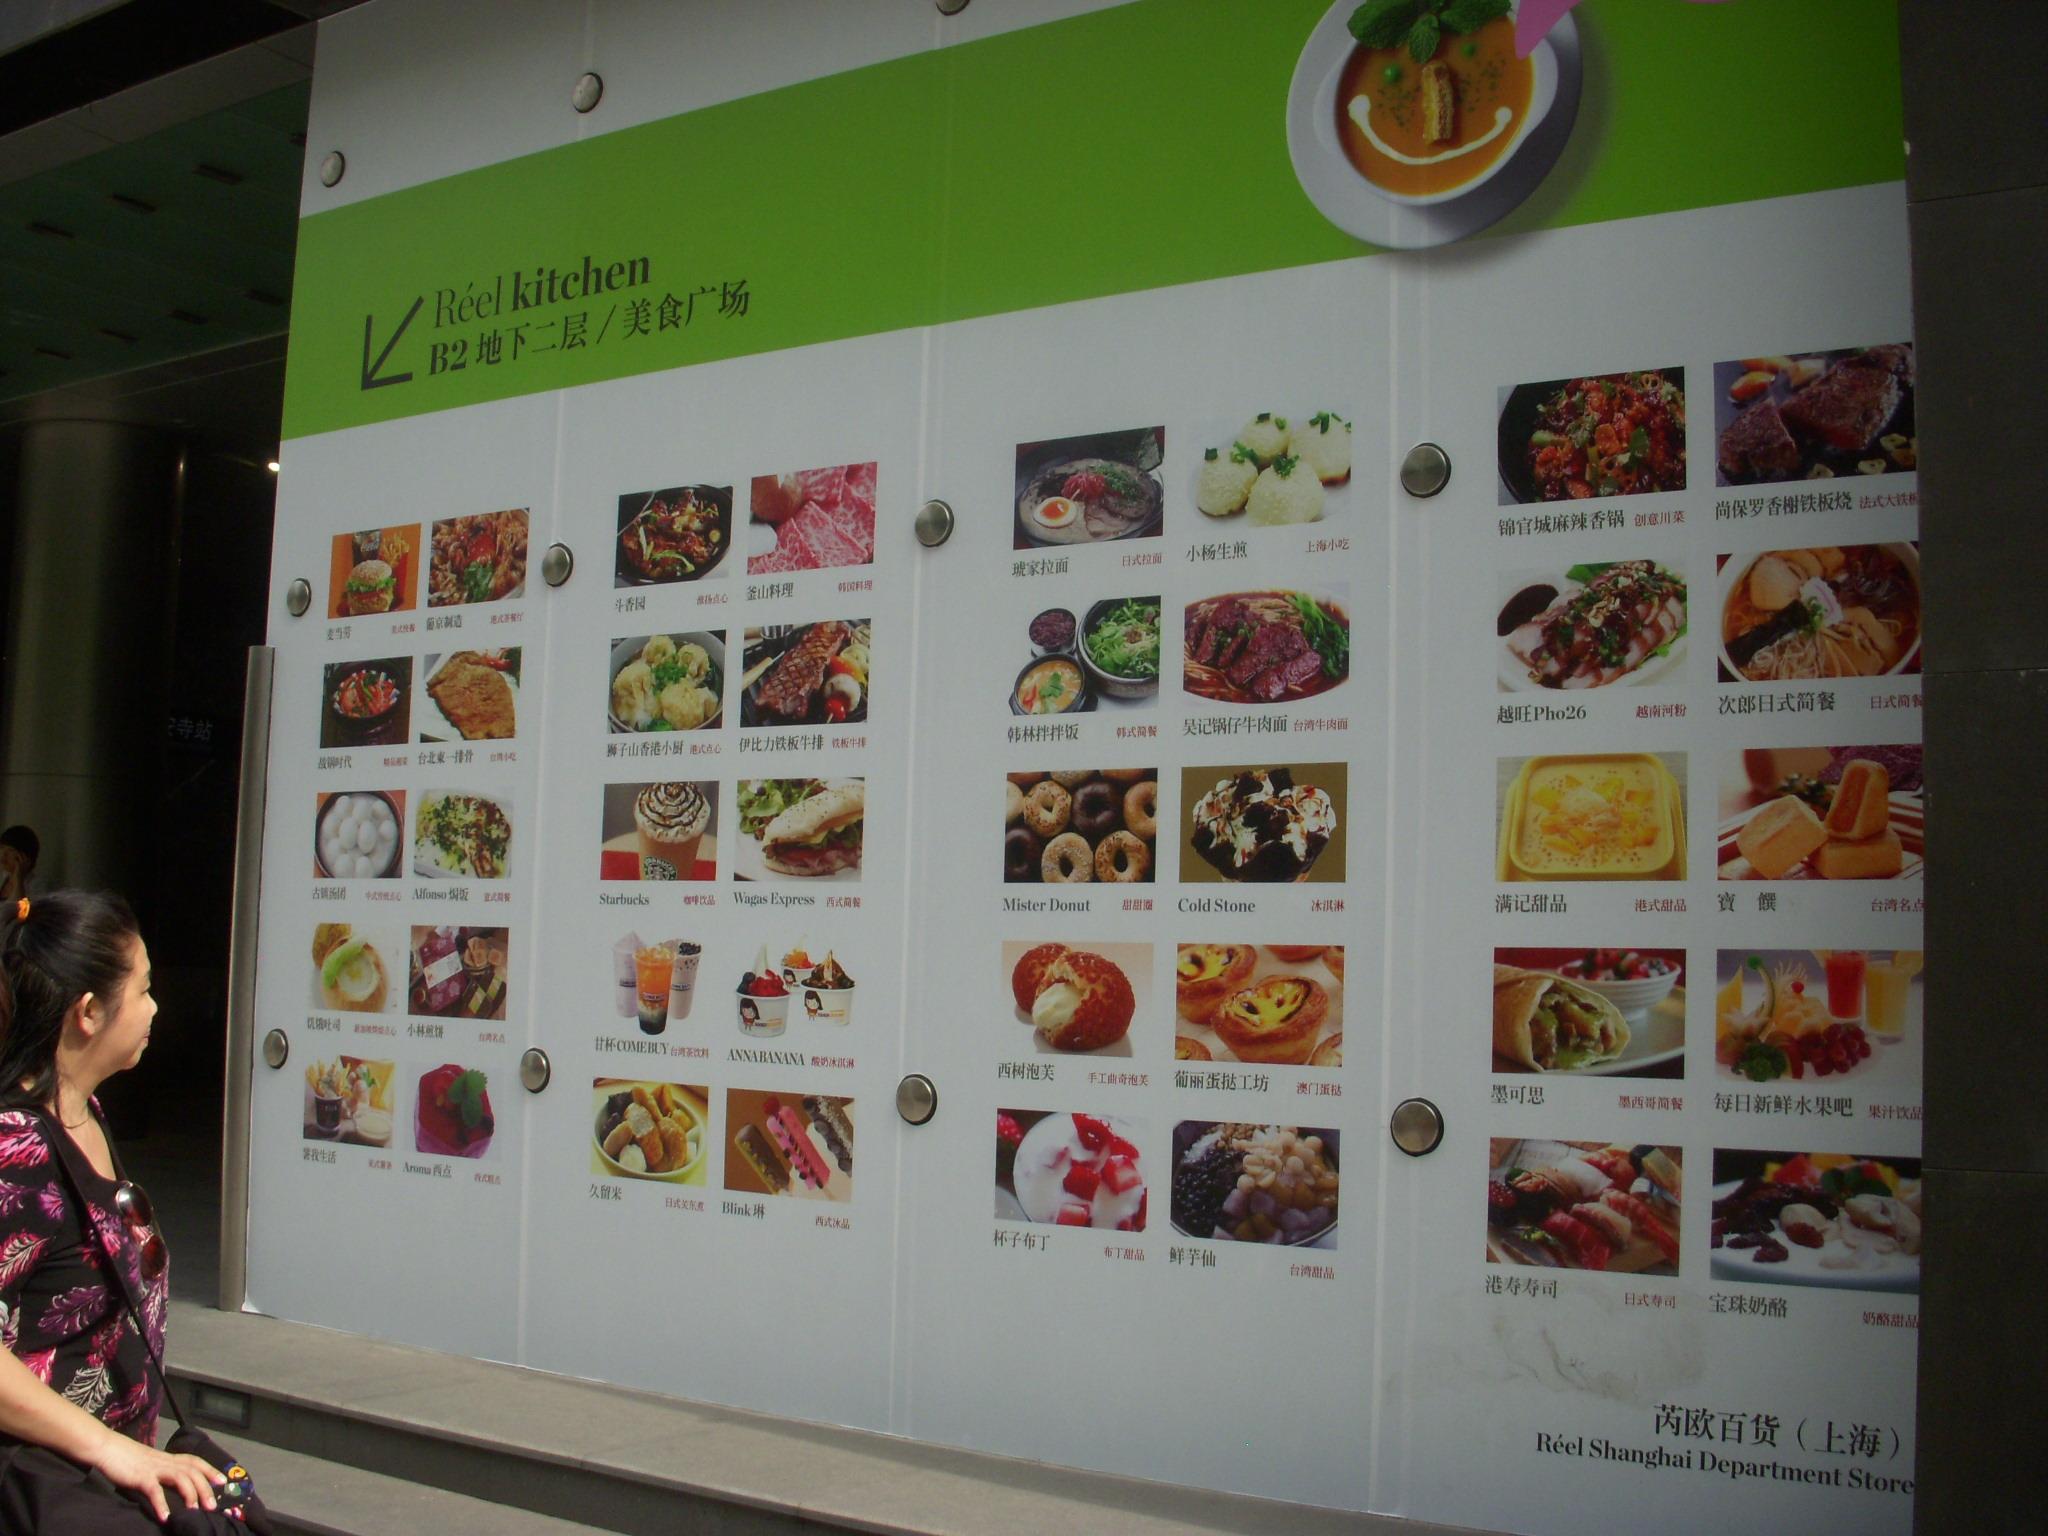 Reel Kitchen